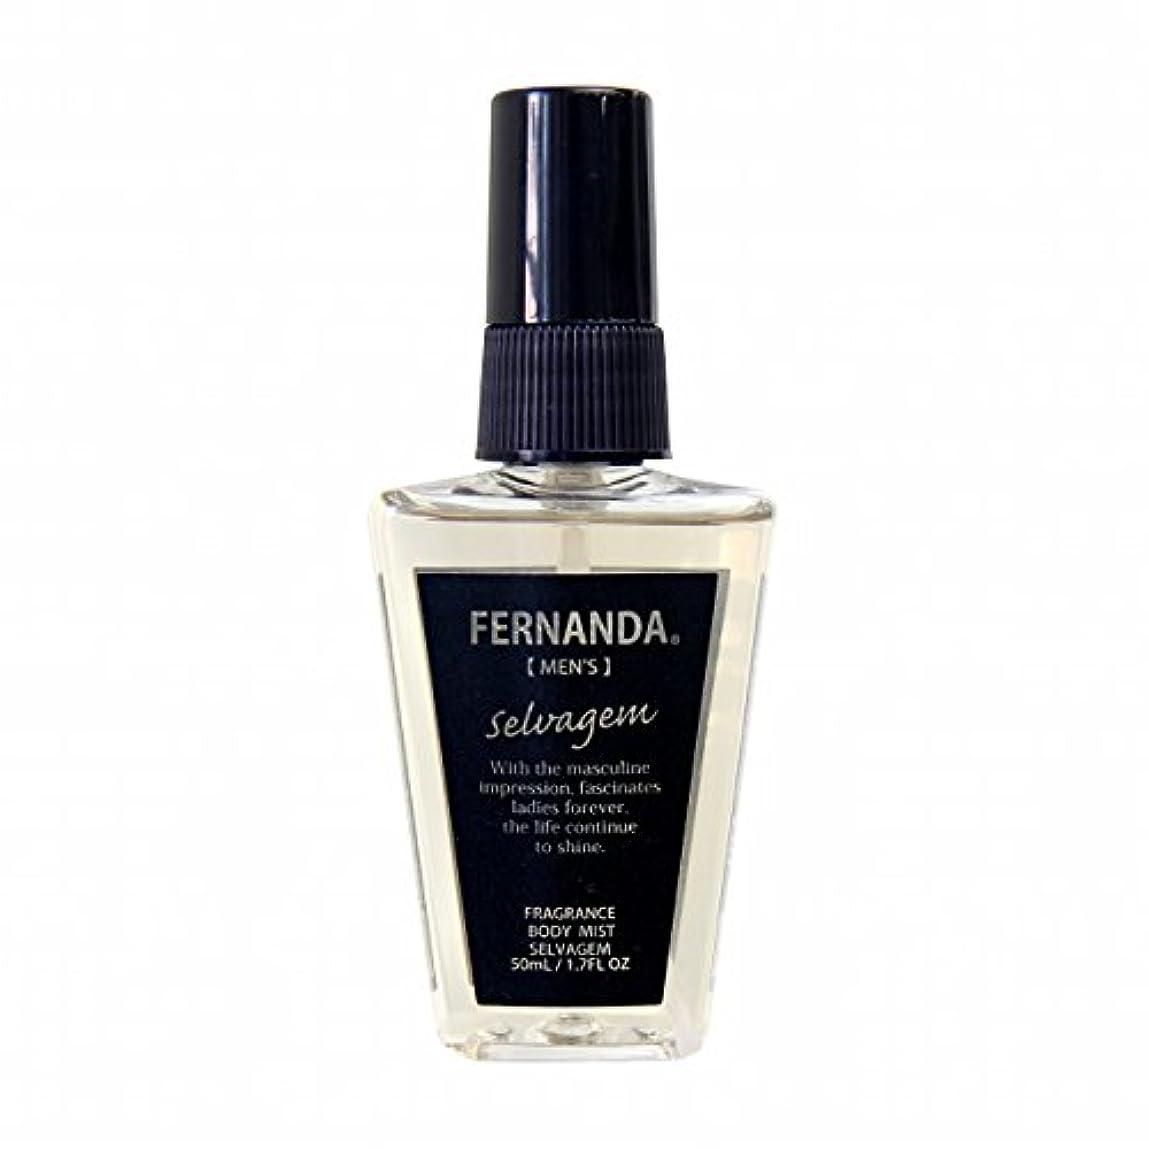 予測領収書変装したFERNANDA(フェルナンダ) Body Mist For MEN Selvagem (ボディミスト フォーメン セルヴァジェン)